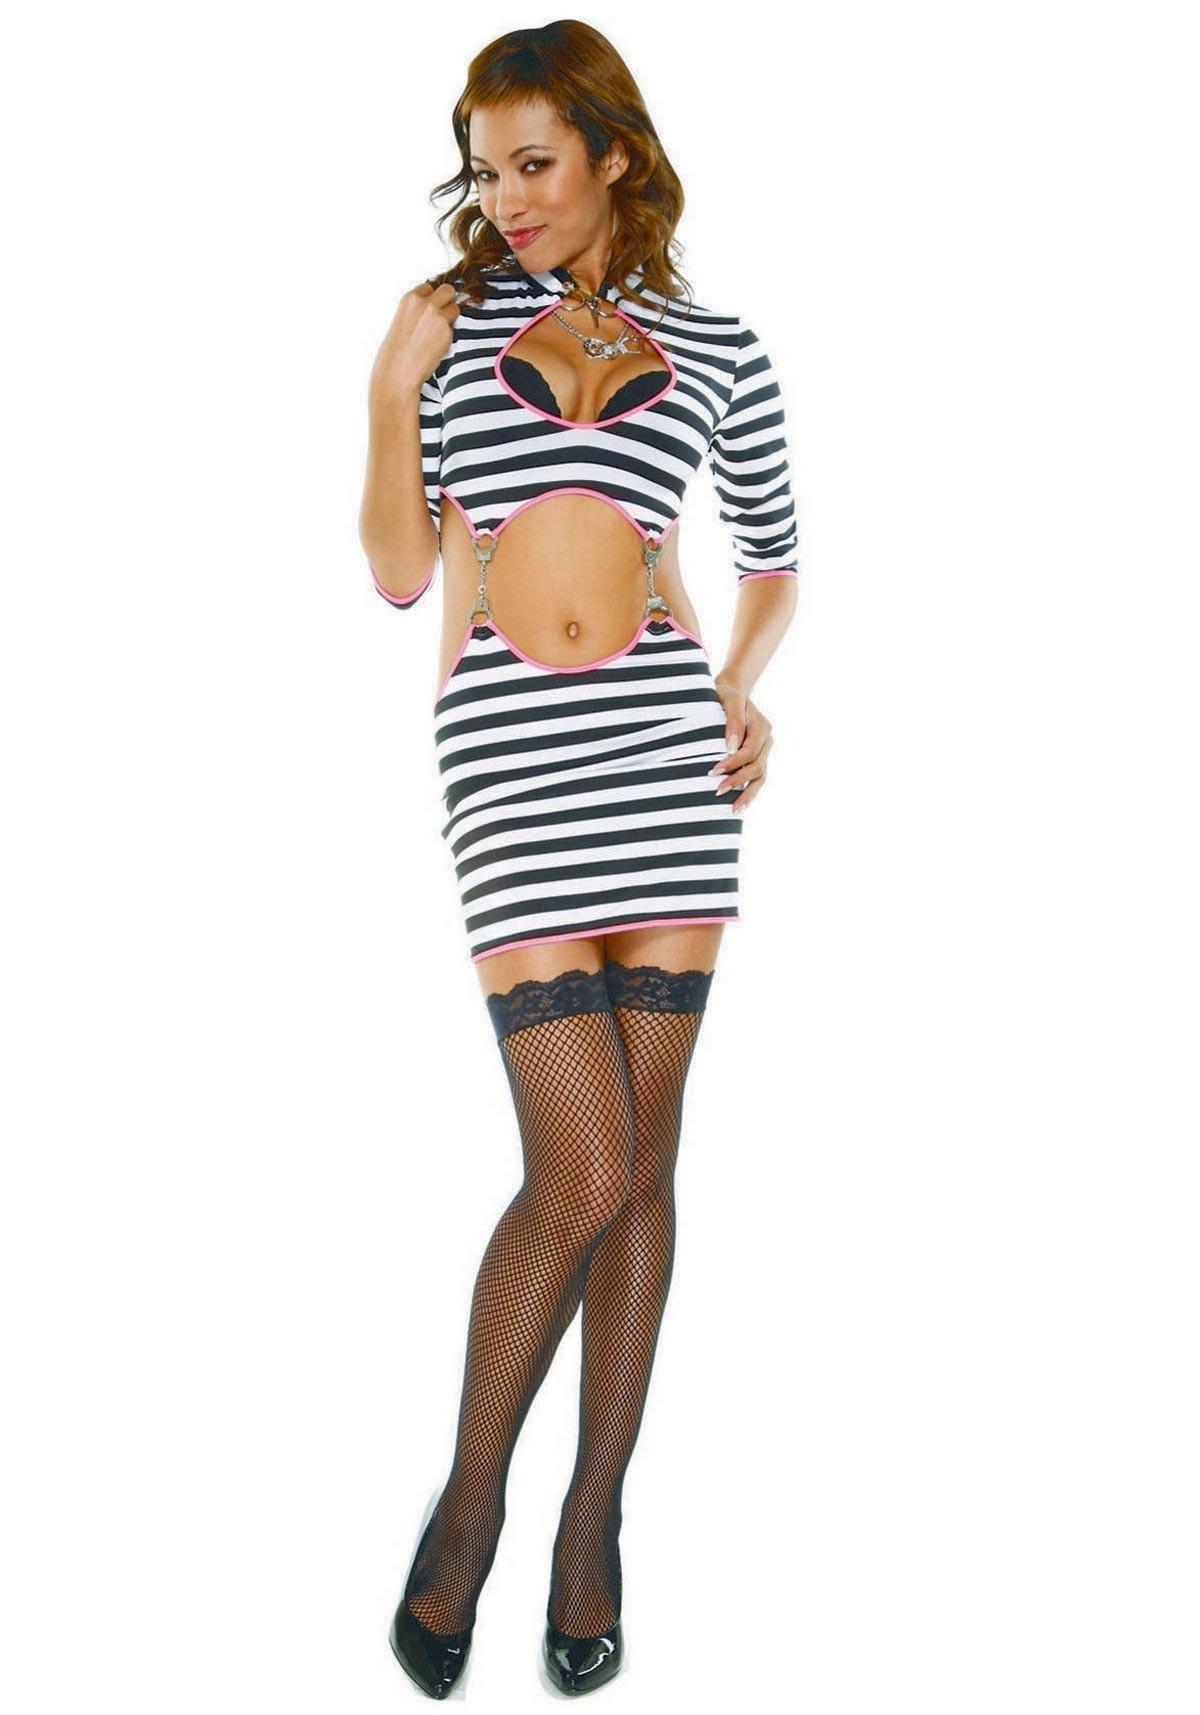 acquista l'originale negozio online ultima selezione Costume donna detenuta